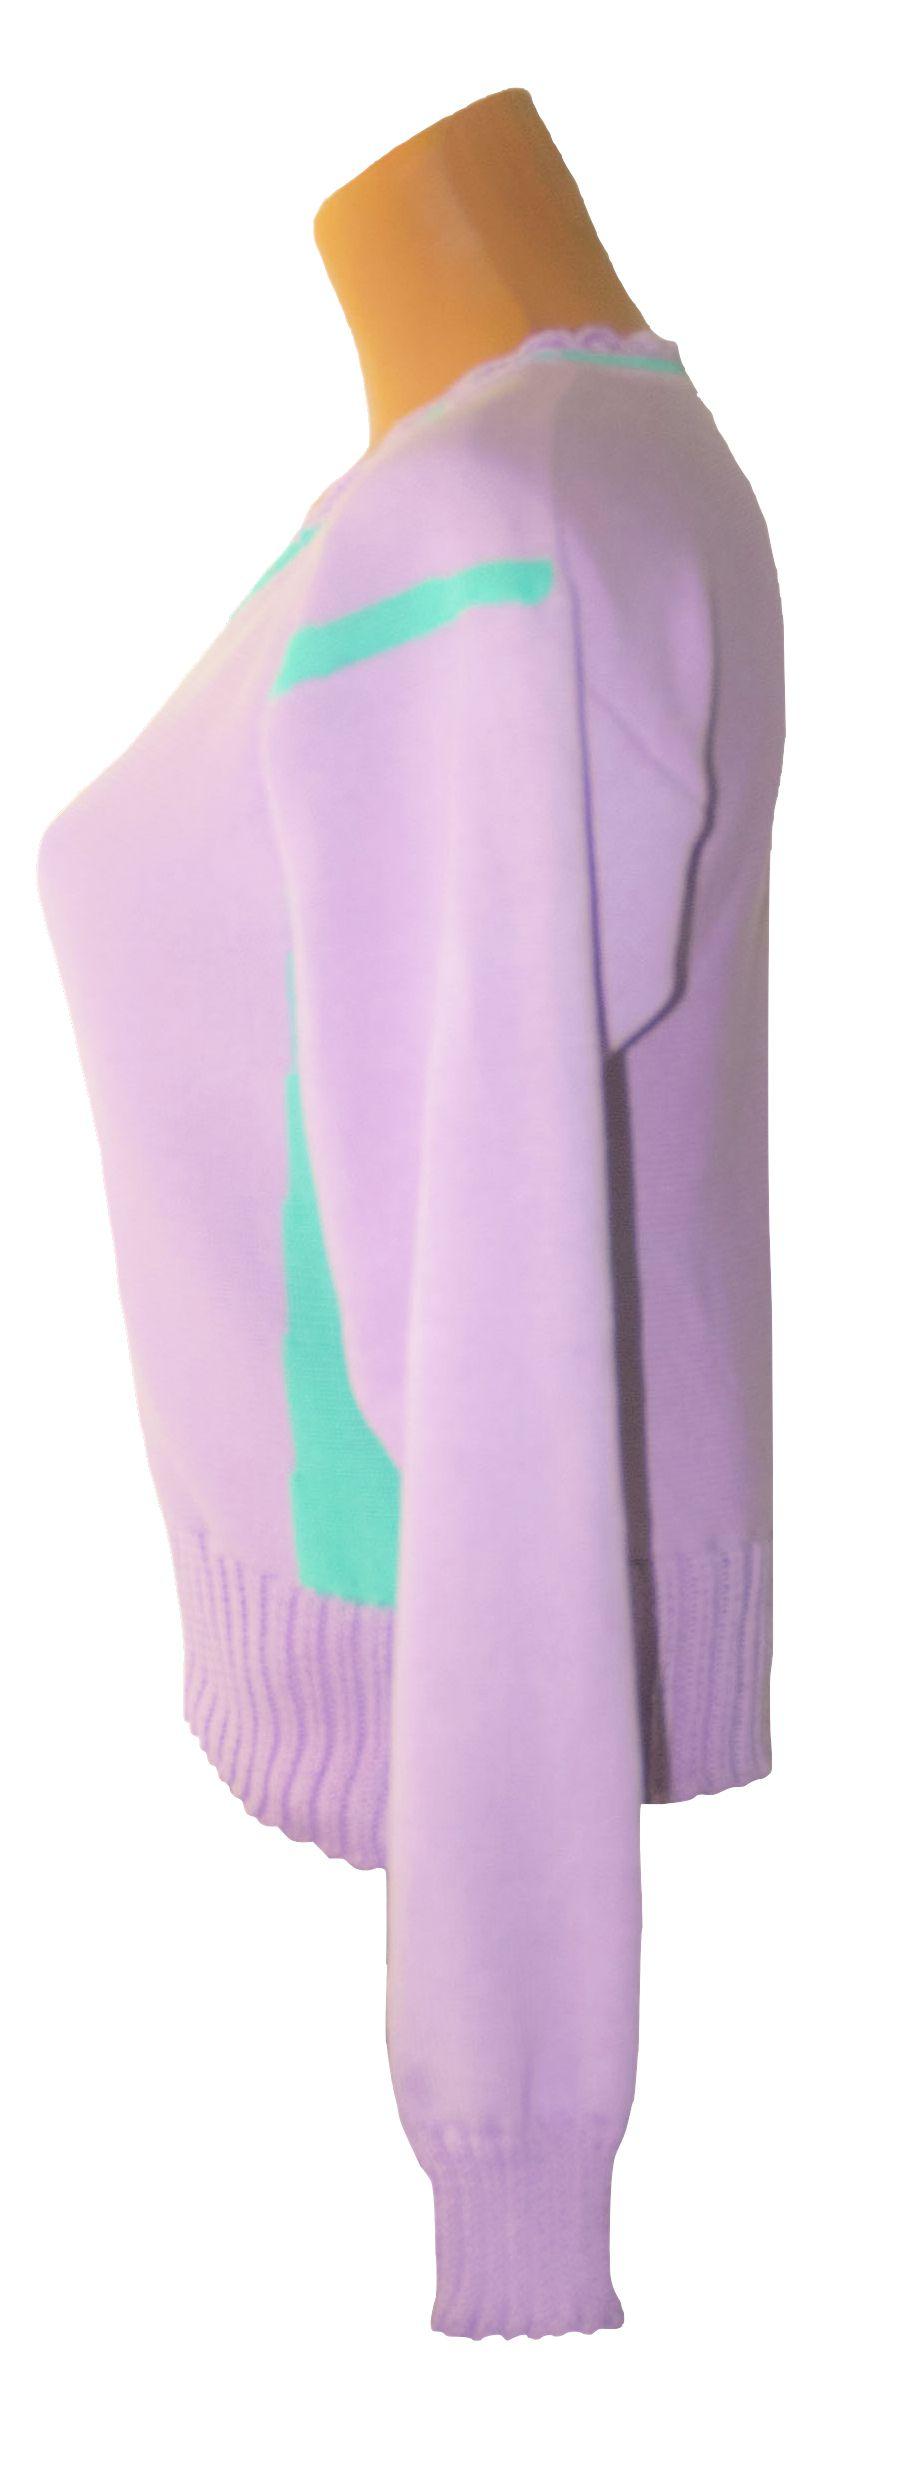 джемпер вязаный вязание женский дизайн авторский бледно-сиреневый однотонный машинное